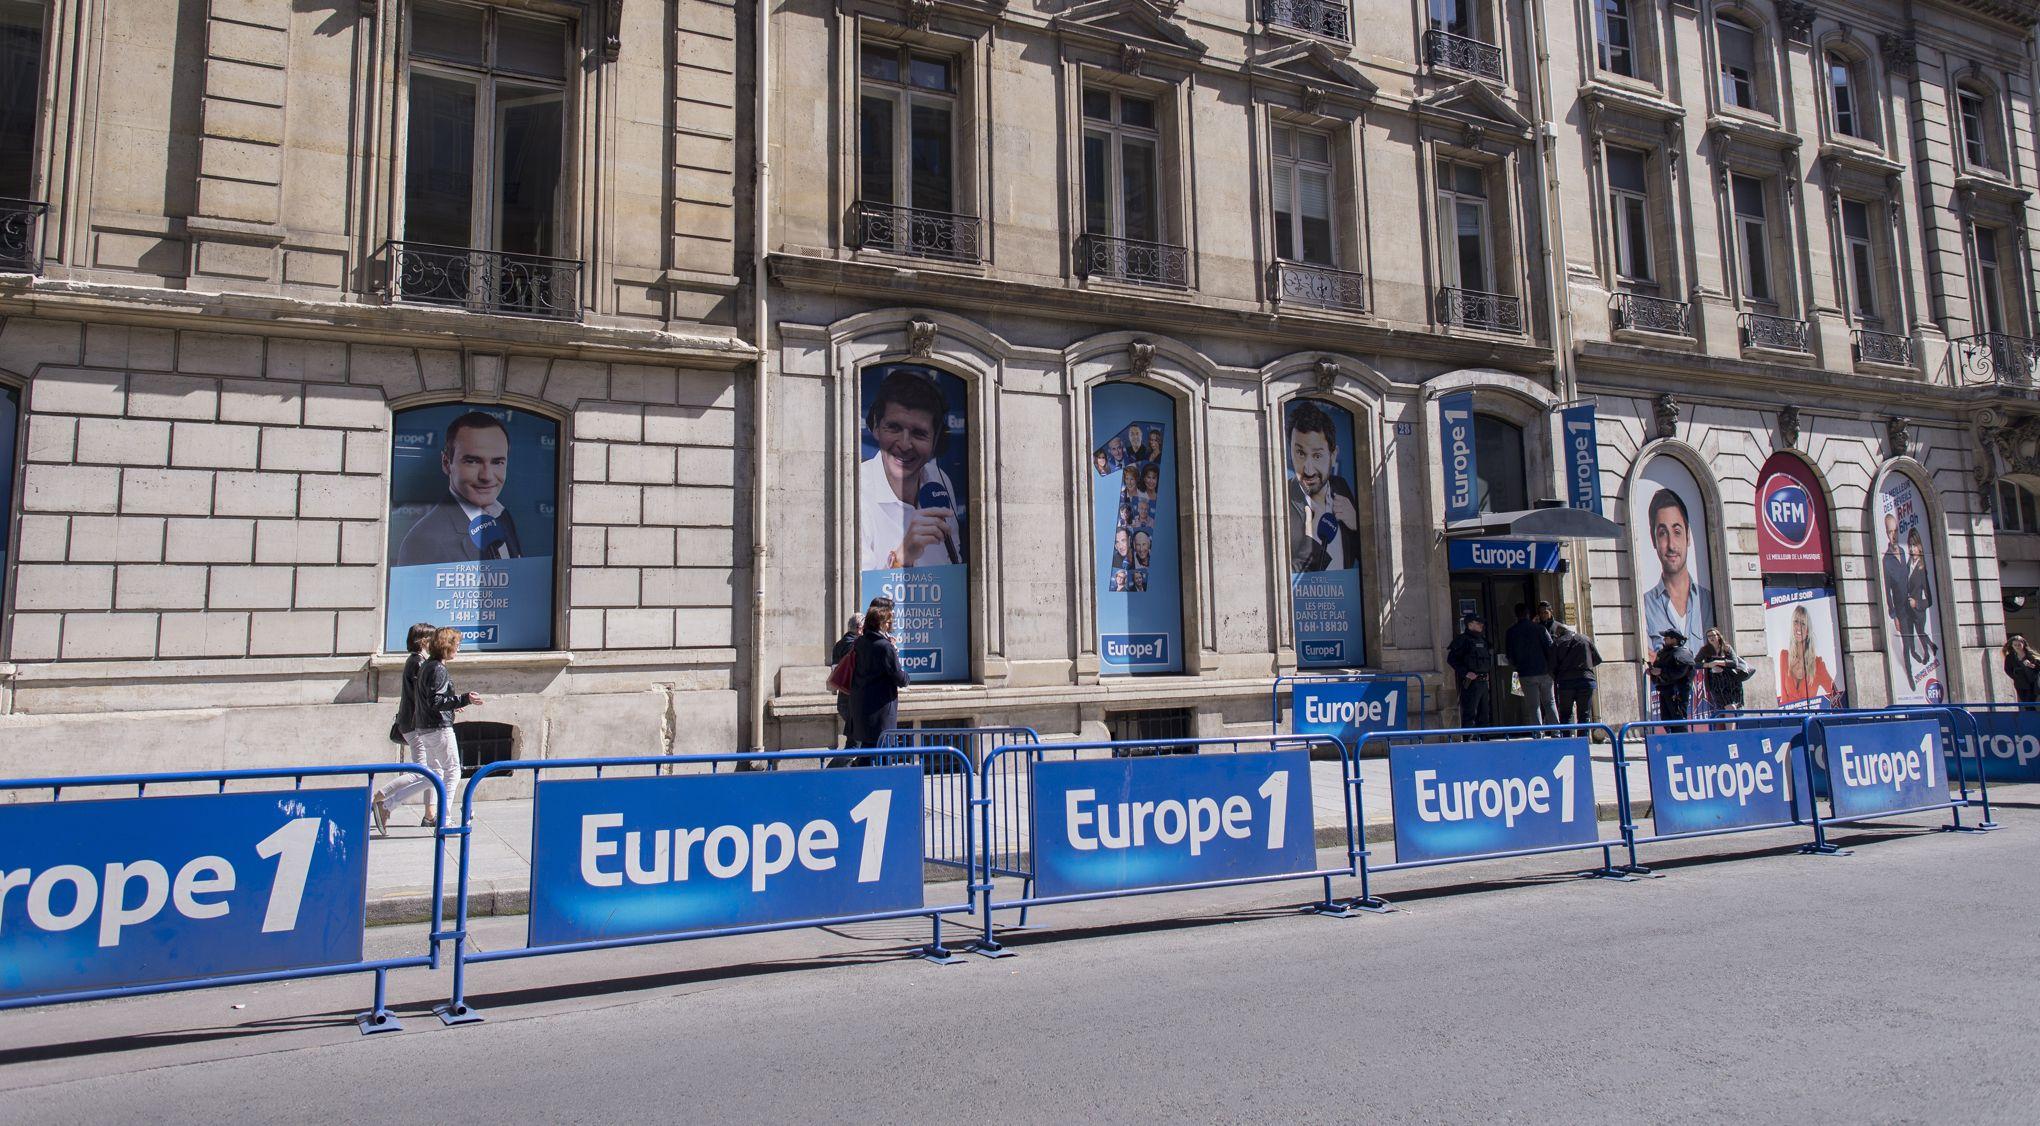 Europe 1 chamboule sa grille en plein coeur de la saison - Grille des programmes europe 1 ...